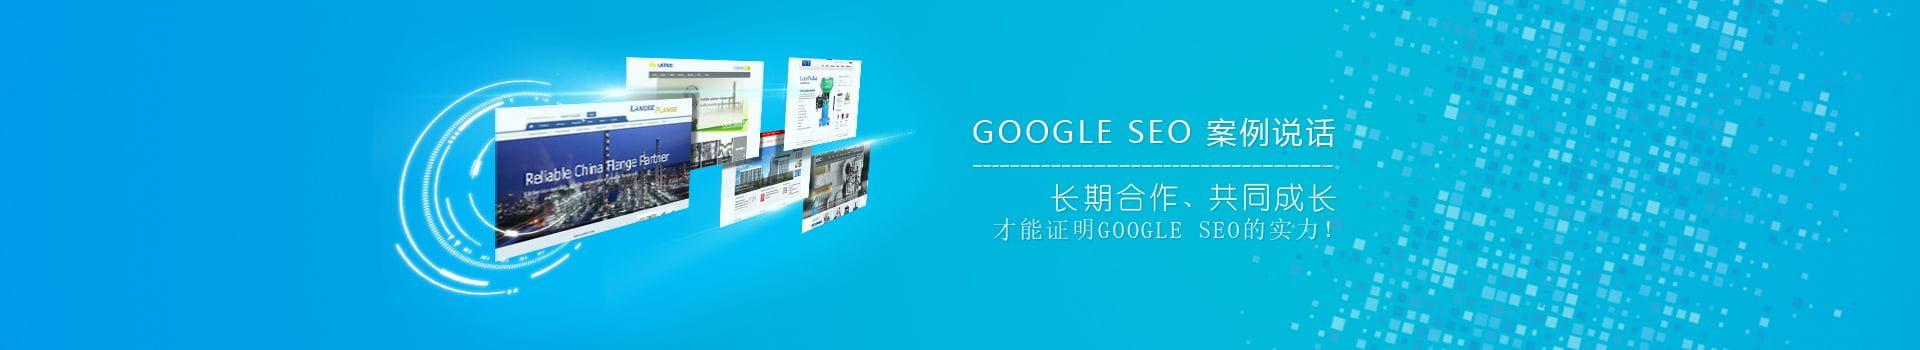 谷歌SEO优化公司案例